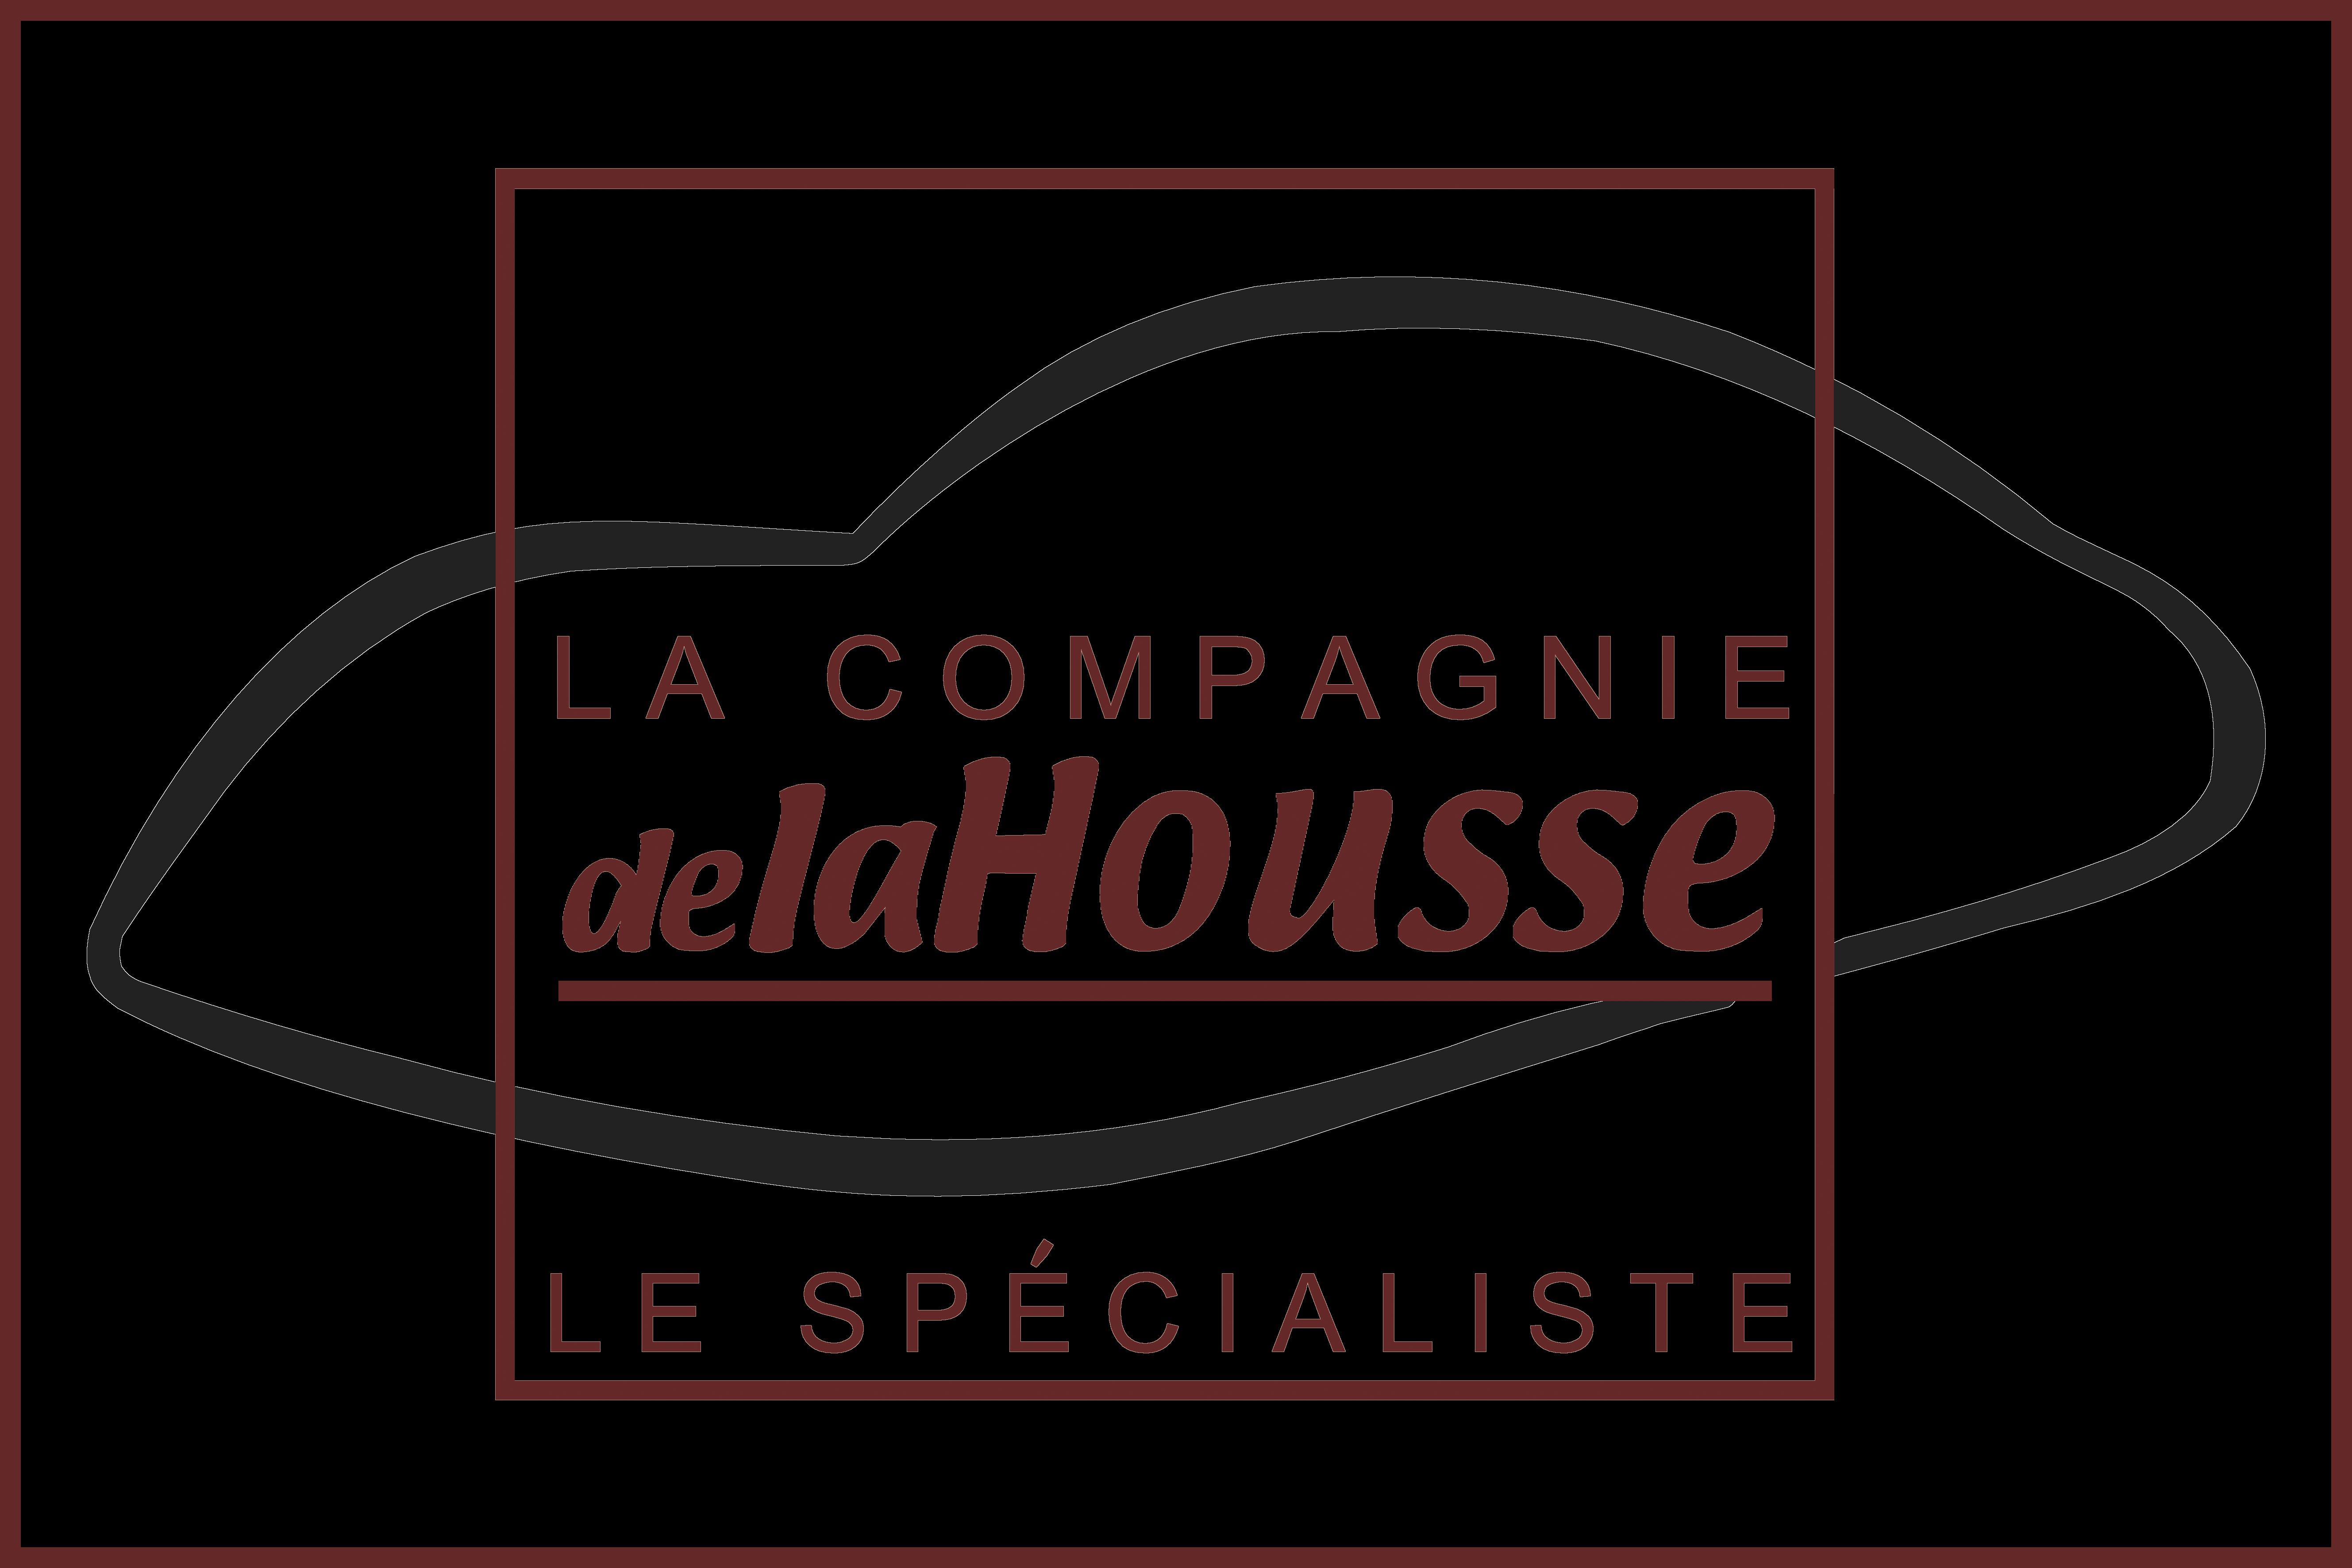 La Compagnie de la Housse: le spécialiste de la protection automobile